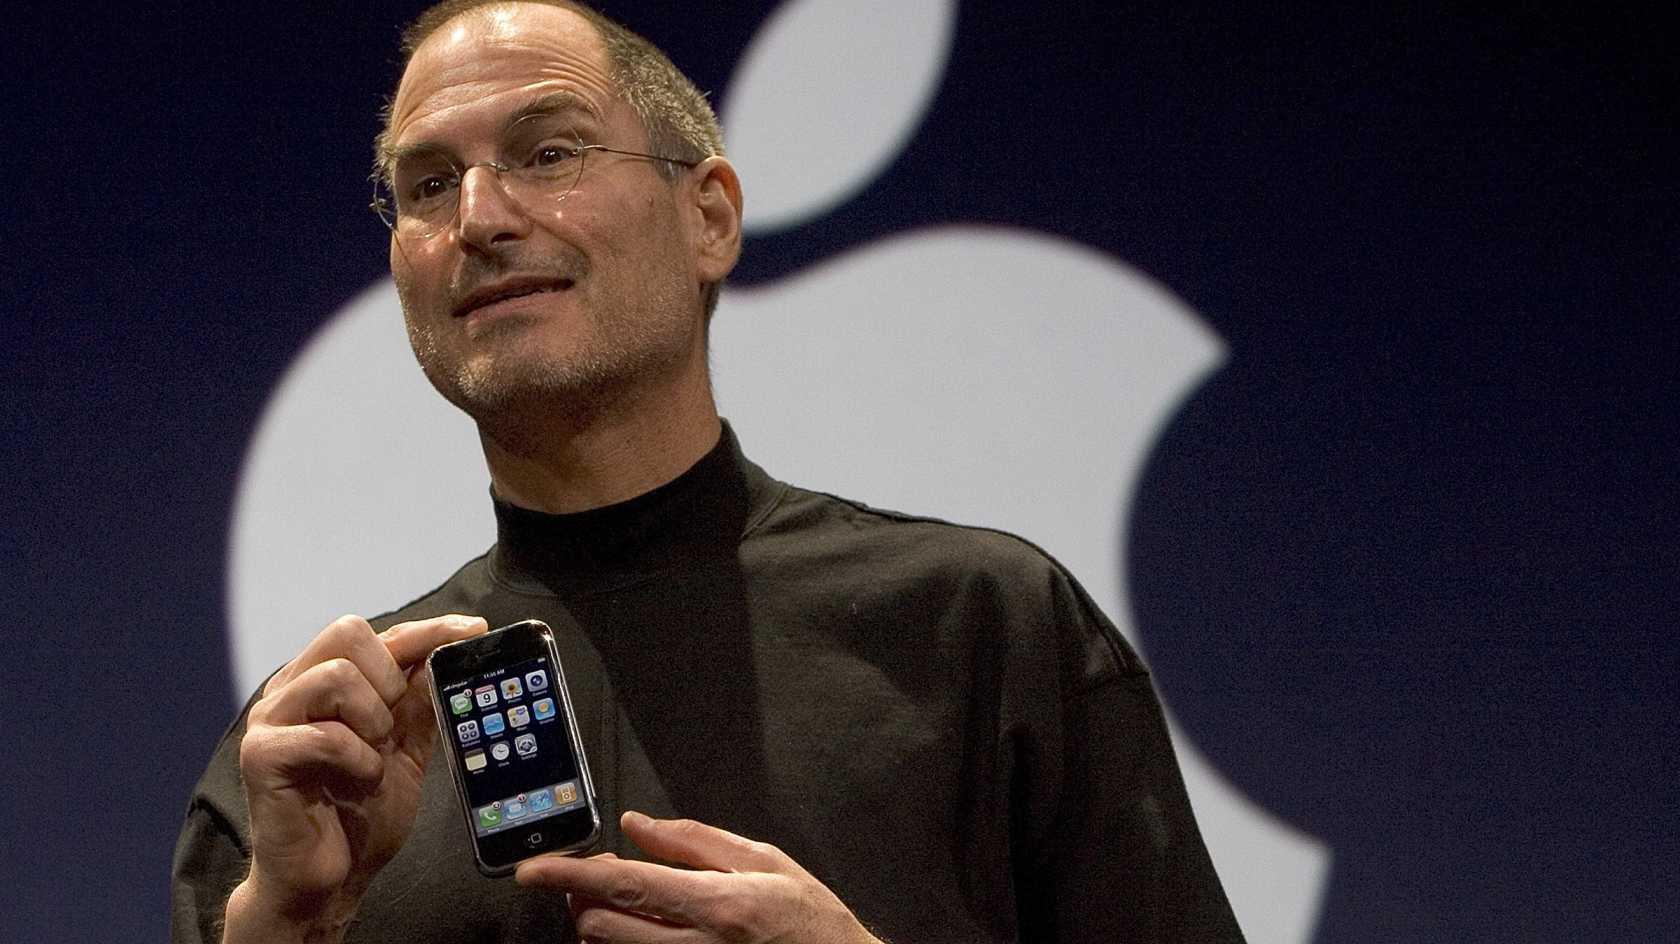 steve-jobs-introduces-iphone